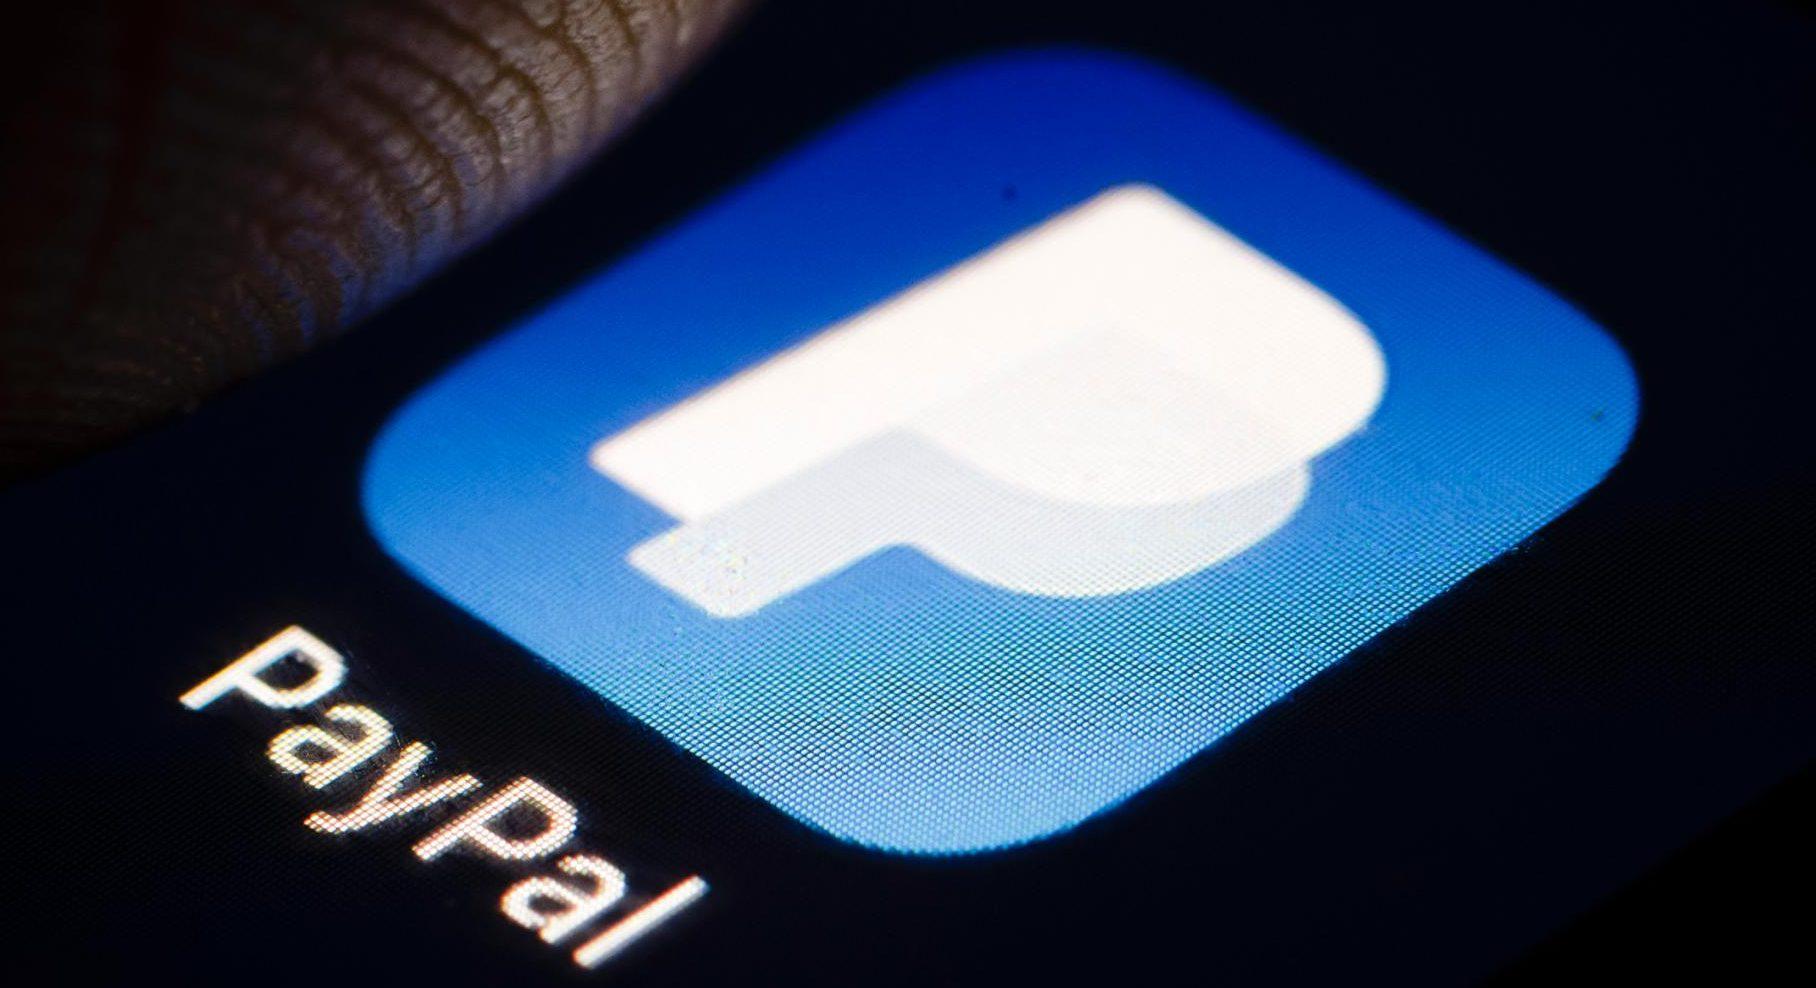 Informe asegura que PayPal tiene planes de lanzar un servicio de compra y venta directa de criptomonedas dentro de su plataforma